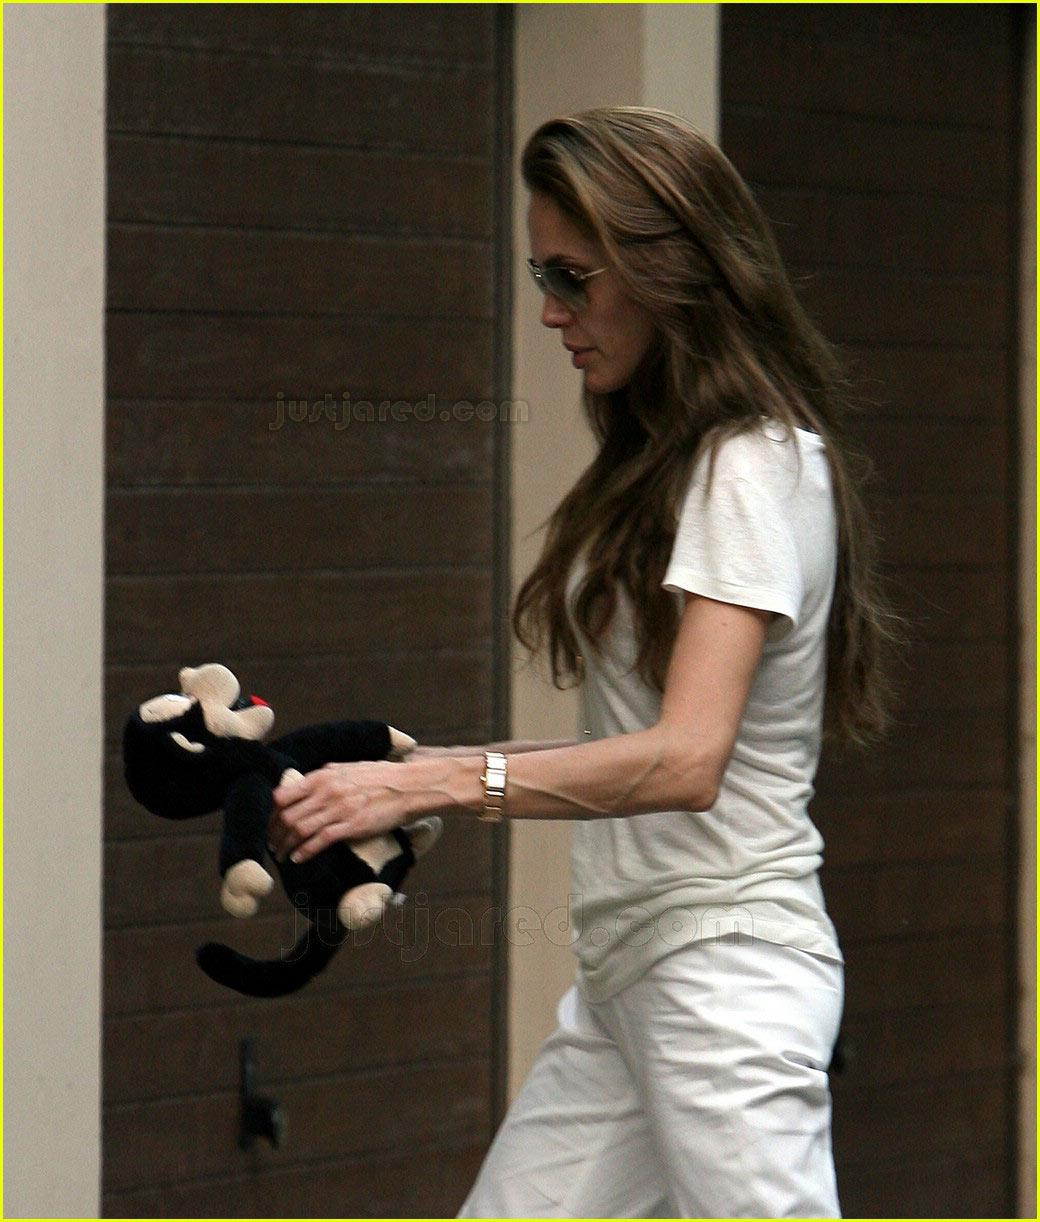 http://3.bp.blogspot.com/-8SygGEmR_EE/TmlF0-zcIOI/AAAAAAAADHI/EPfruJV0IHU/s1600/angelina-jolie-monkey-stuffed-animal-01.jpg